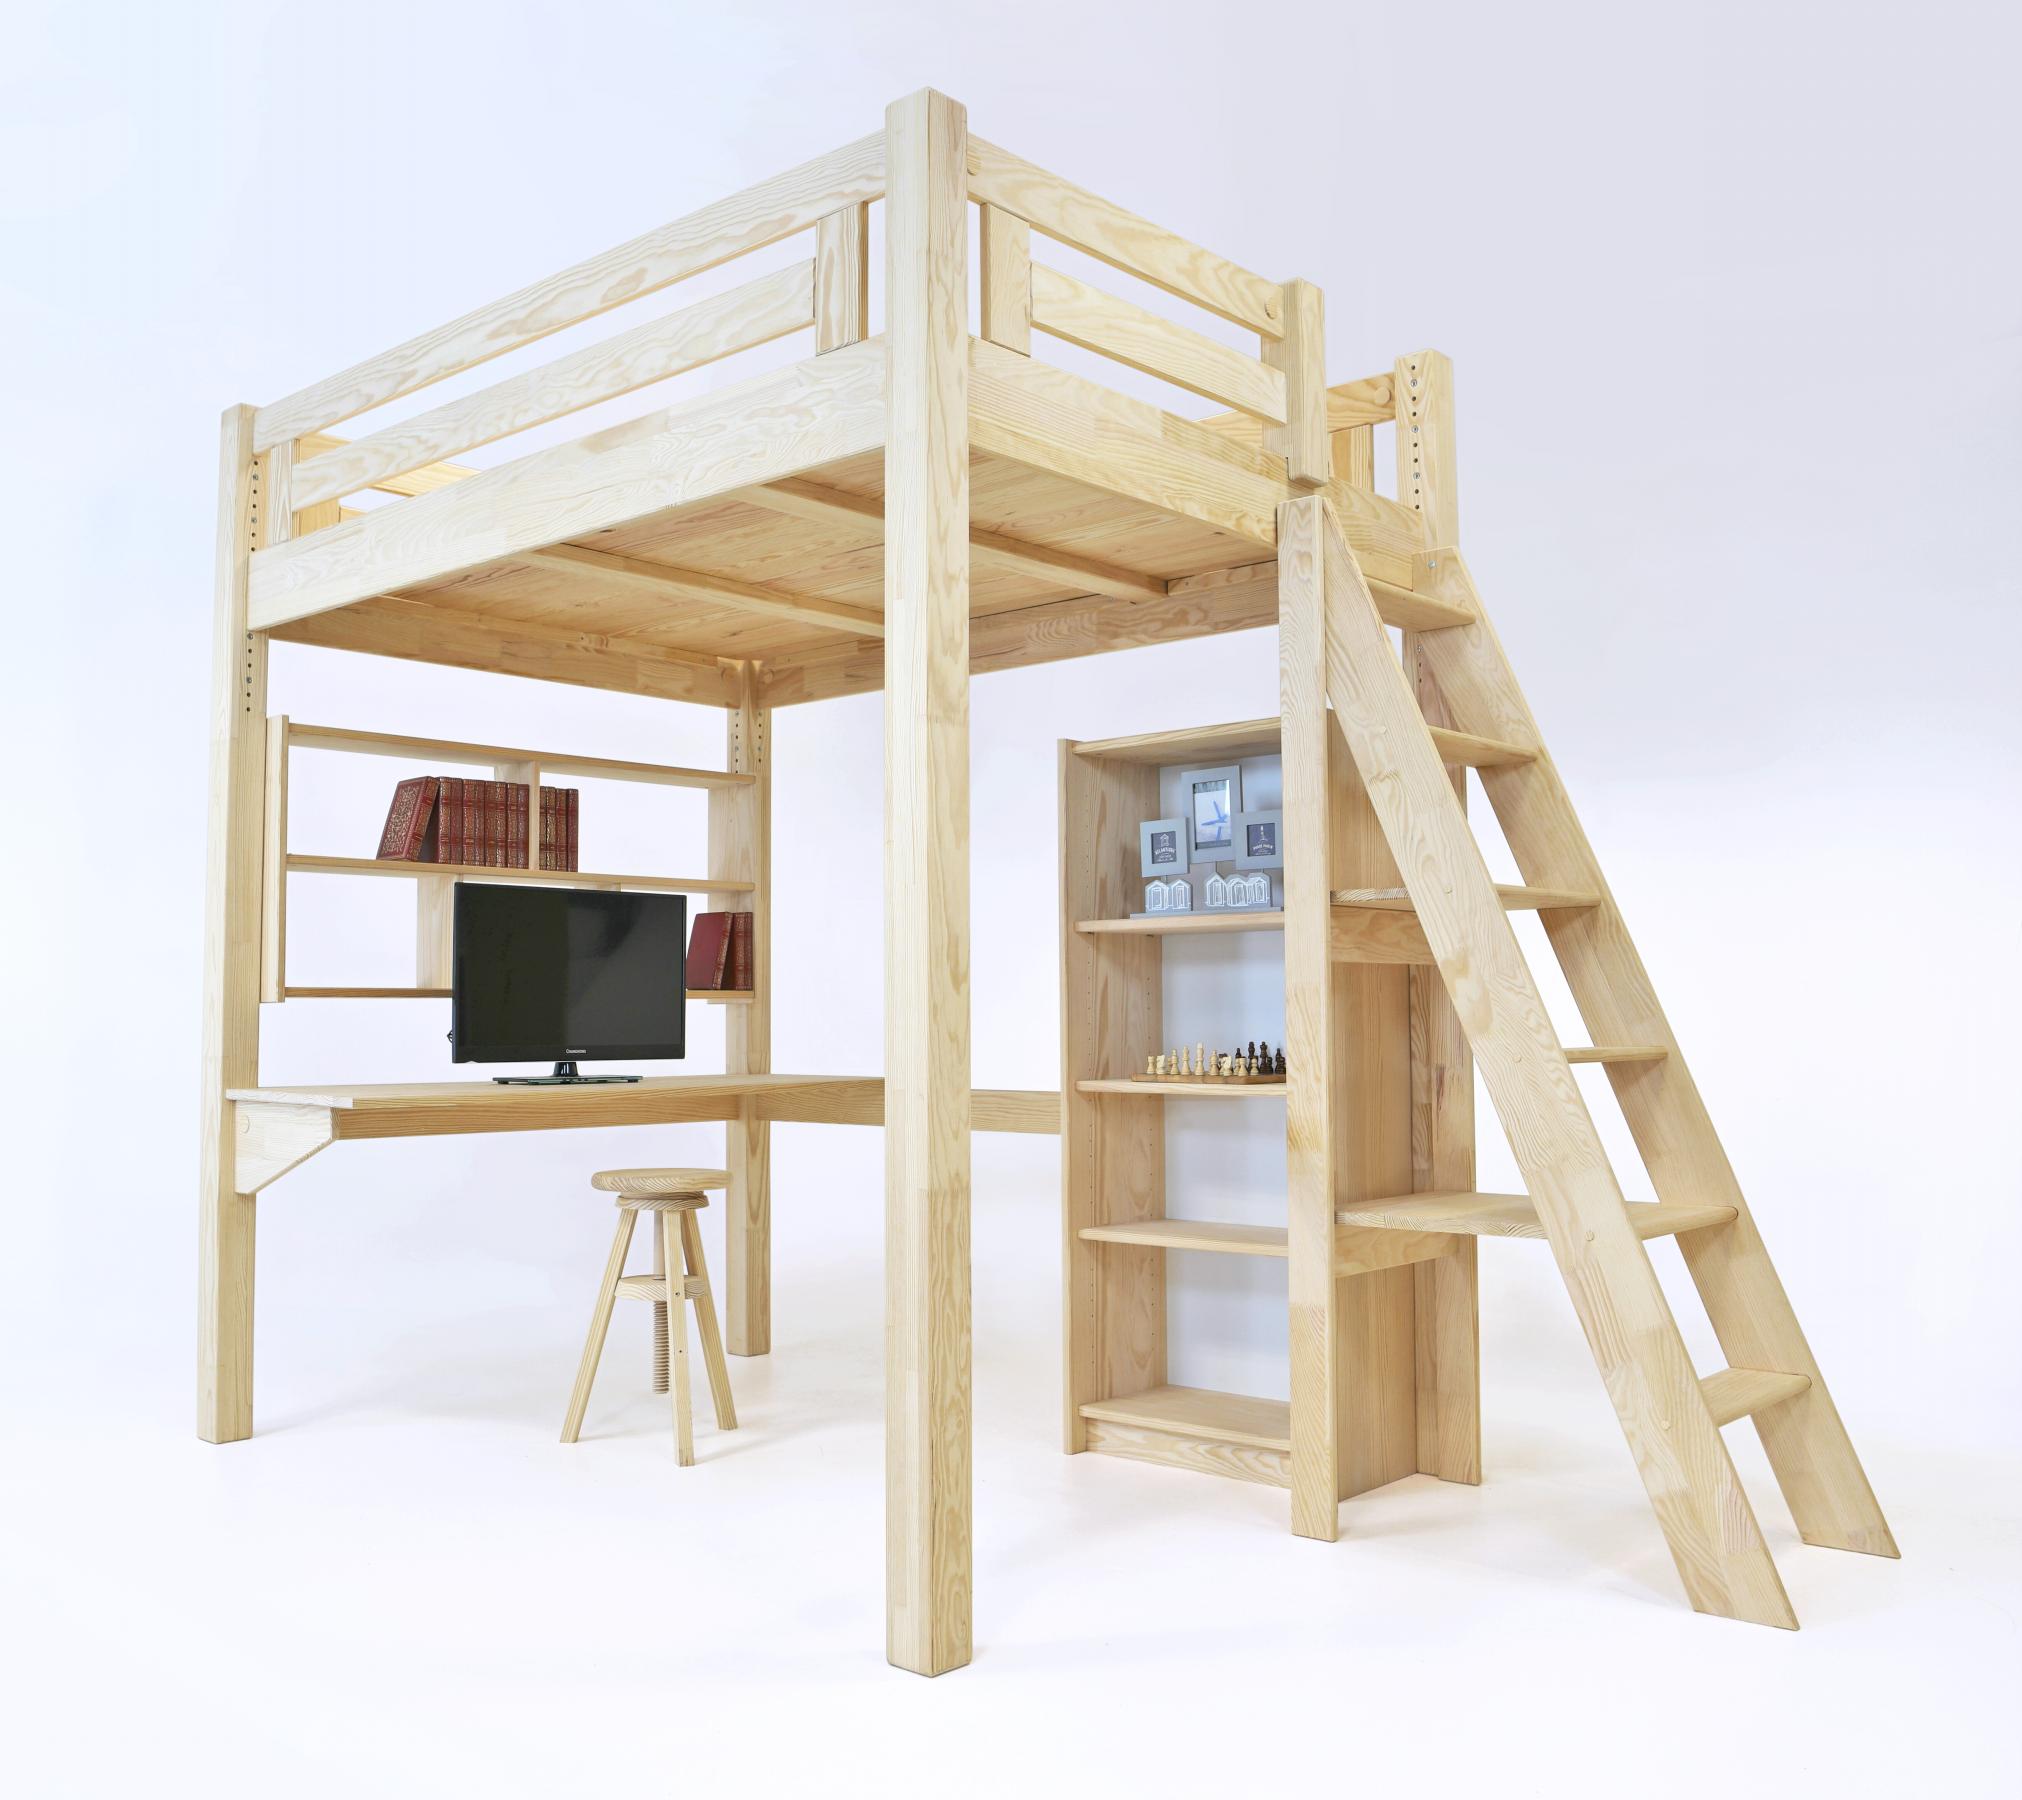 Lit Mezzanine Escalier Cube lit mezzanine alpage bois + échelle hauteur réglable en 2020